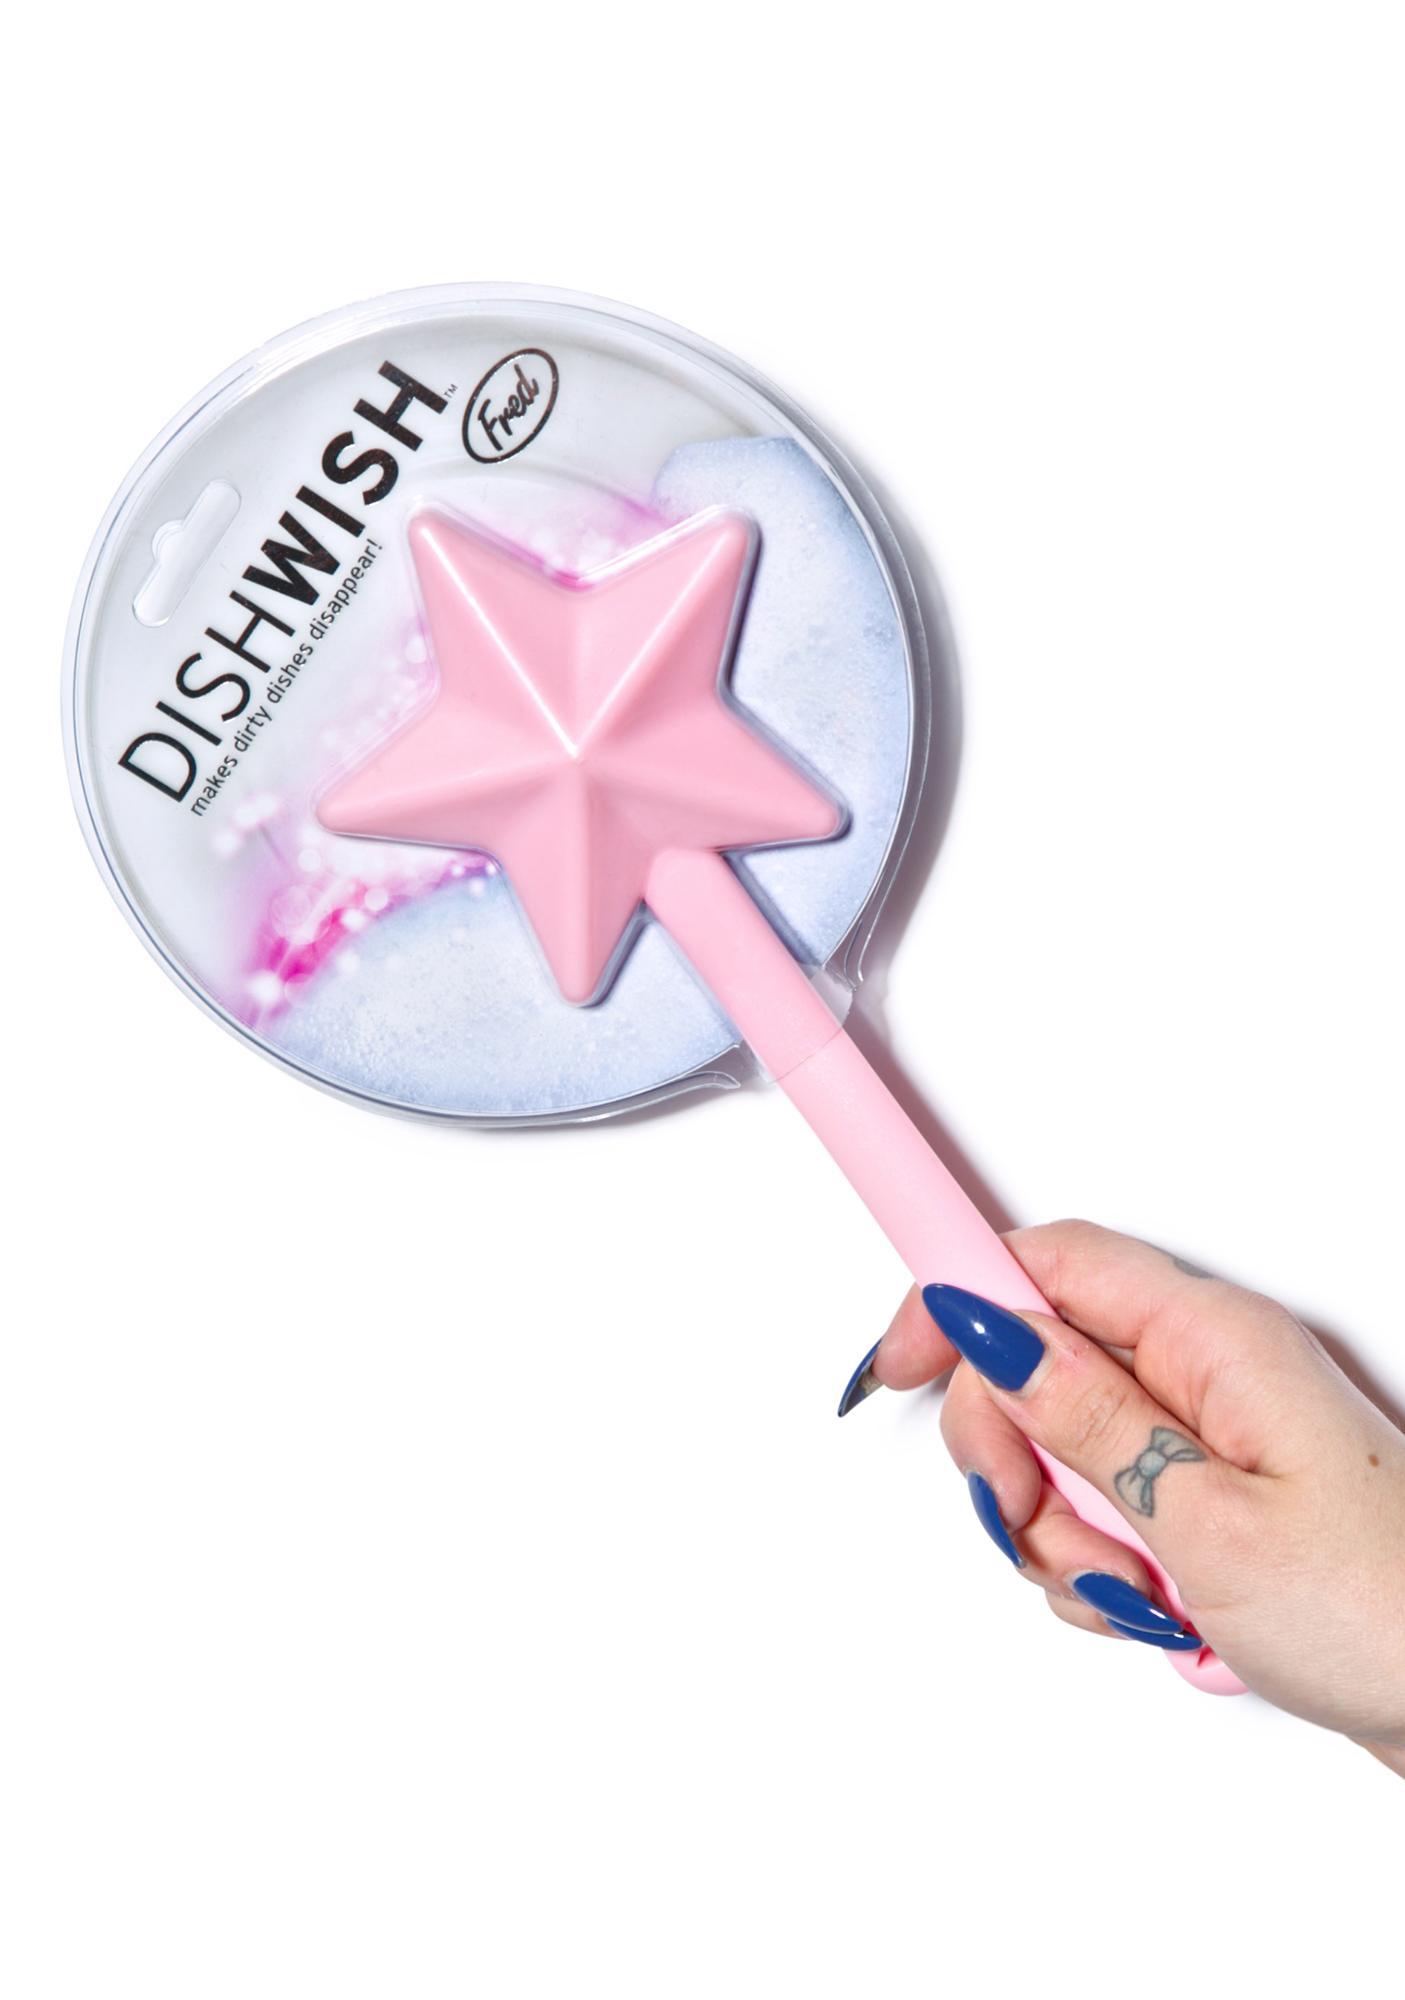 Dish Wish Star Wand Brush